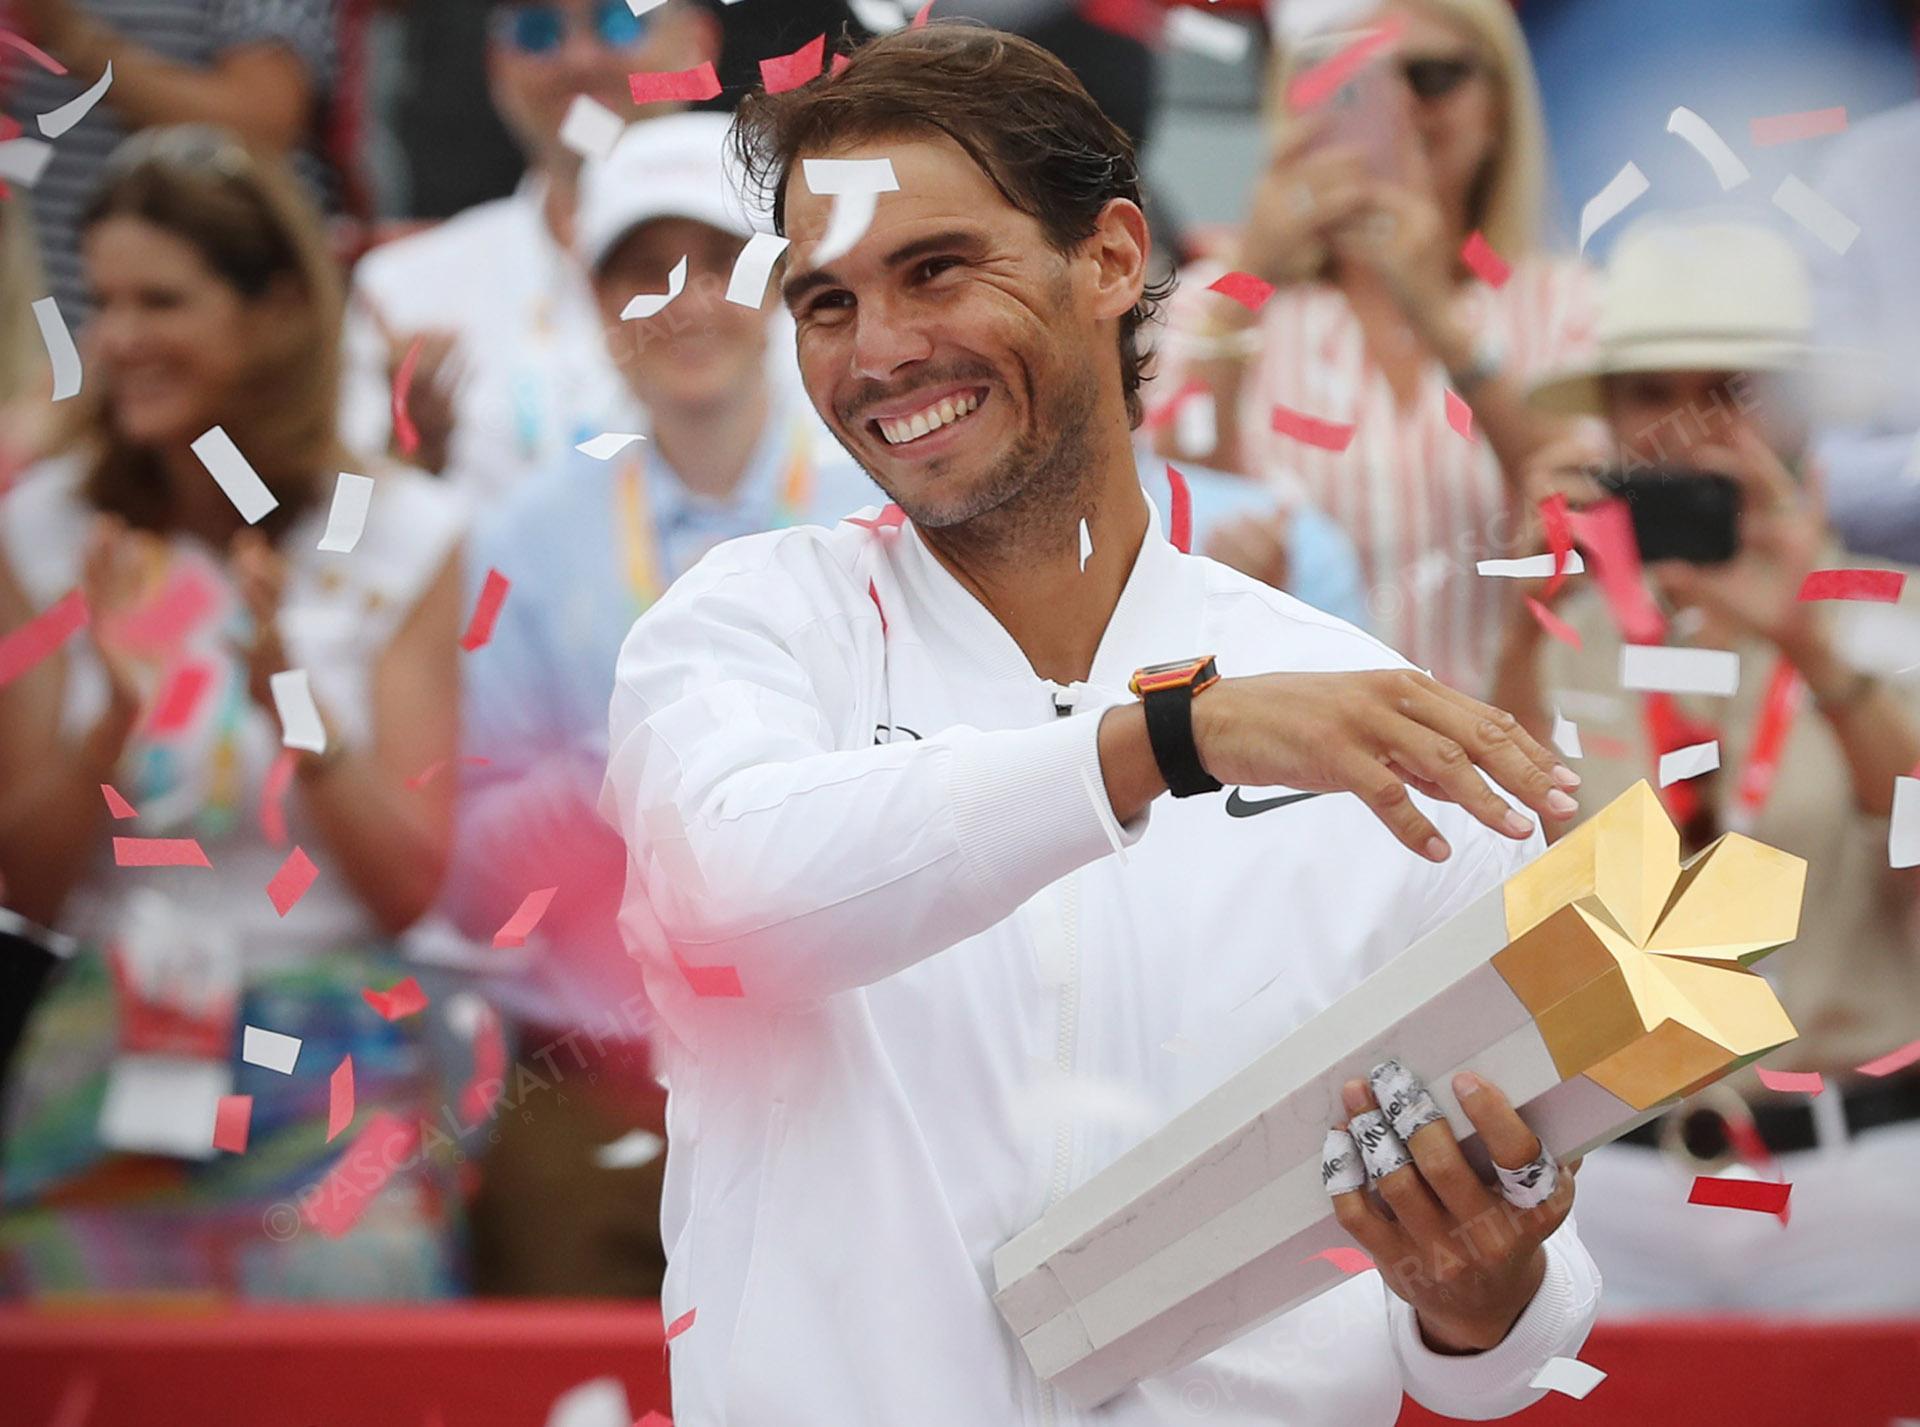 célébration de Rafael Nadal est un joueur de tennis espagnol à la coupe rogers 2019